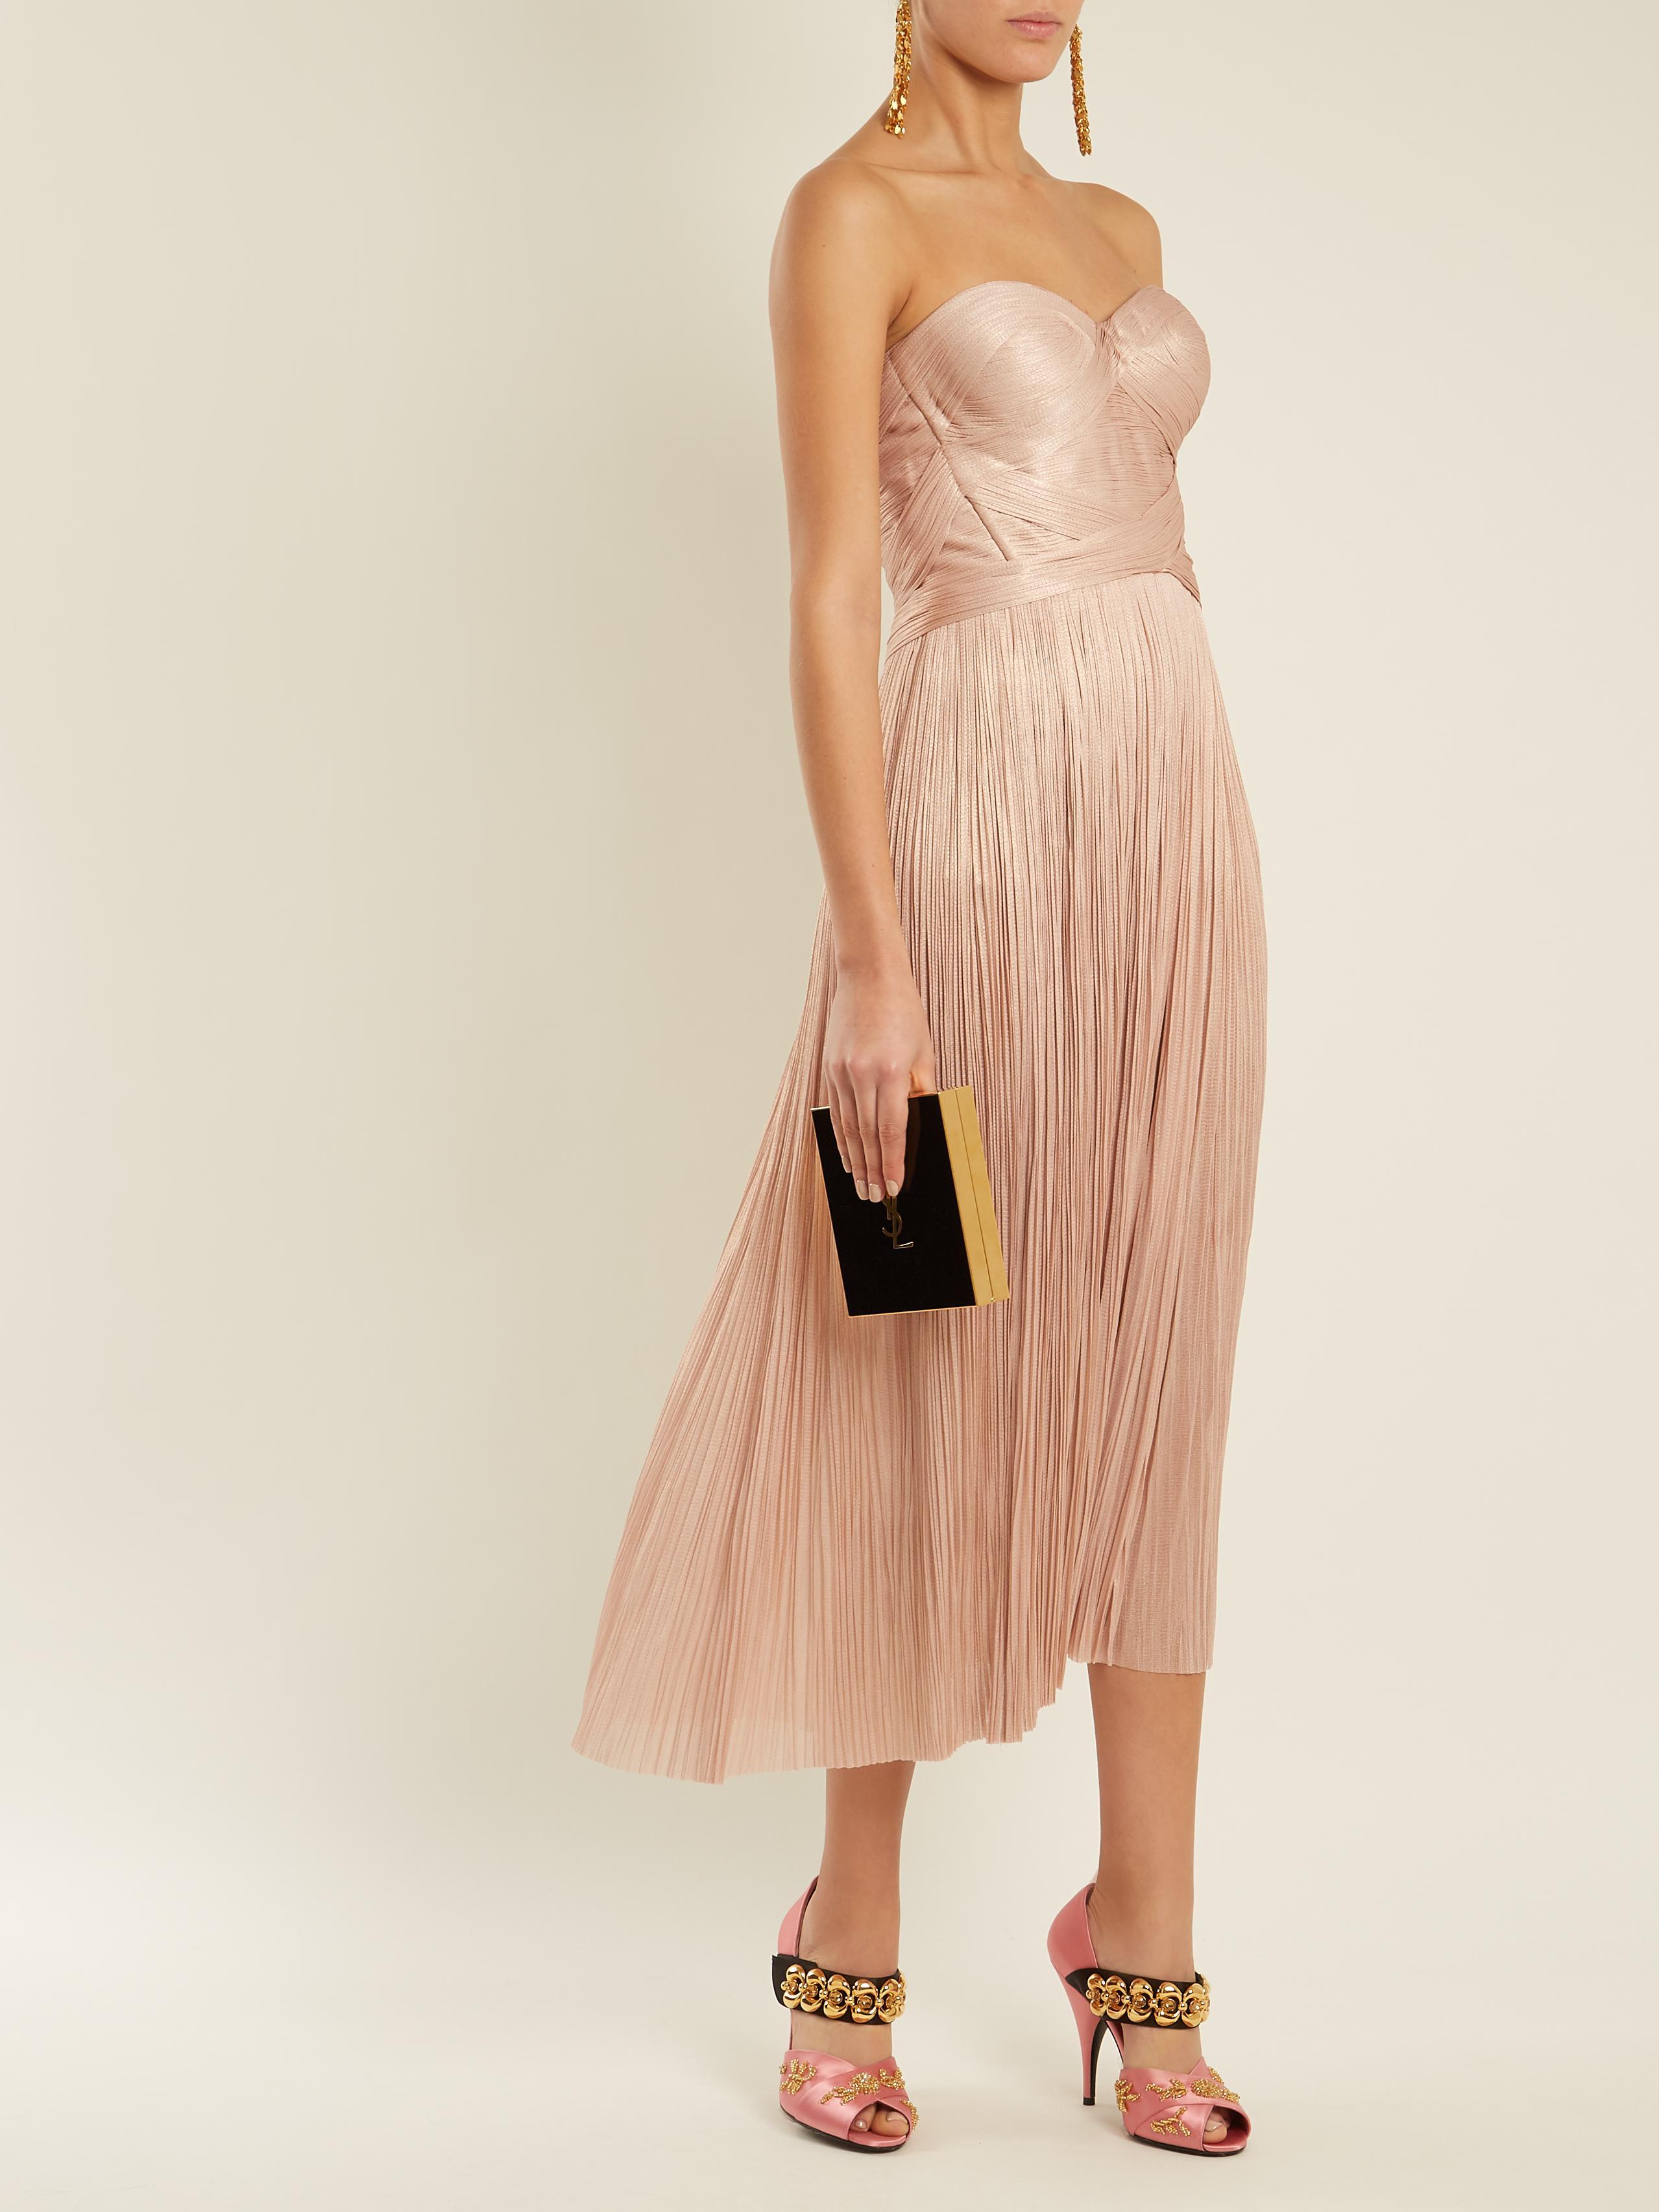 Malie silk-tulle dress Maria Lucia Hohan ryjR5aH1Qk